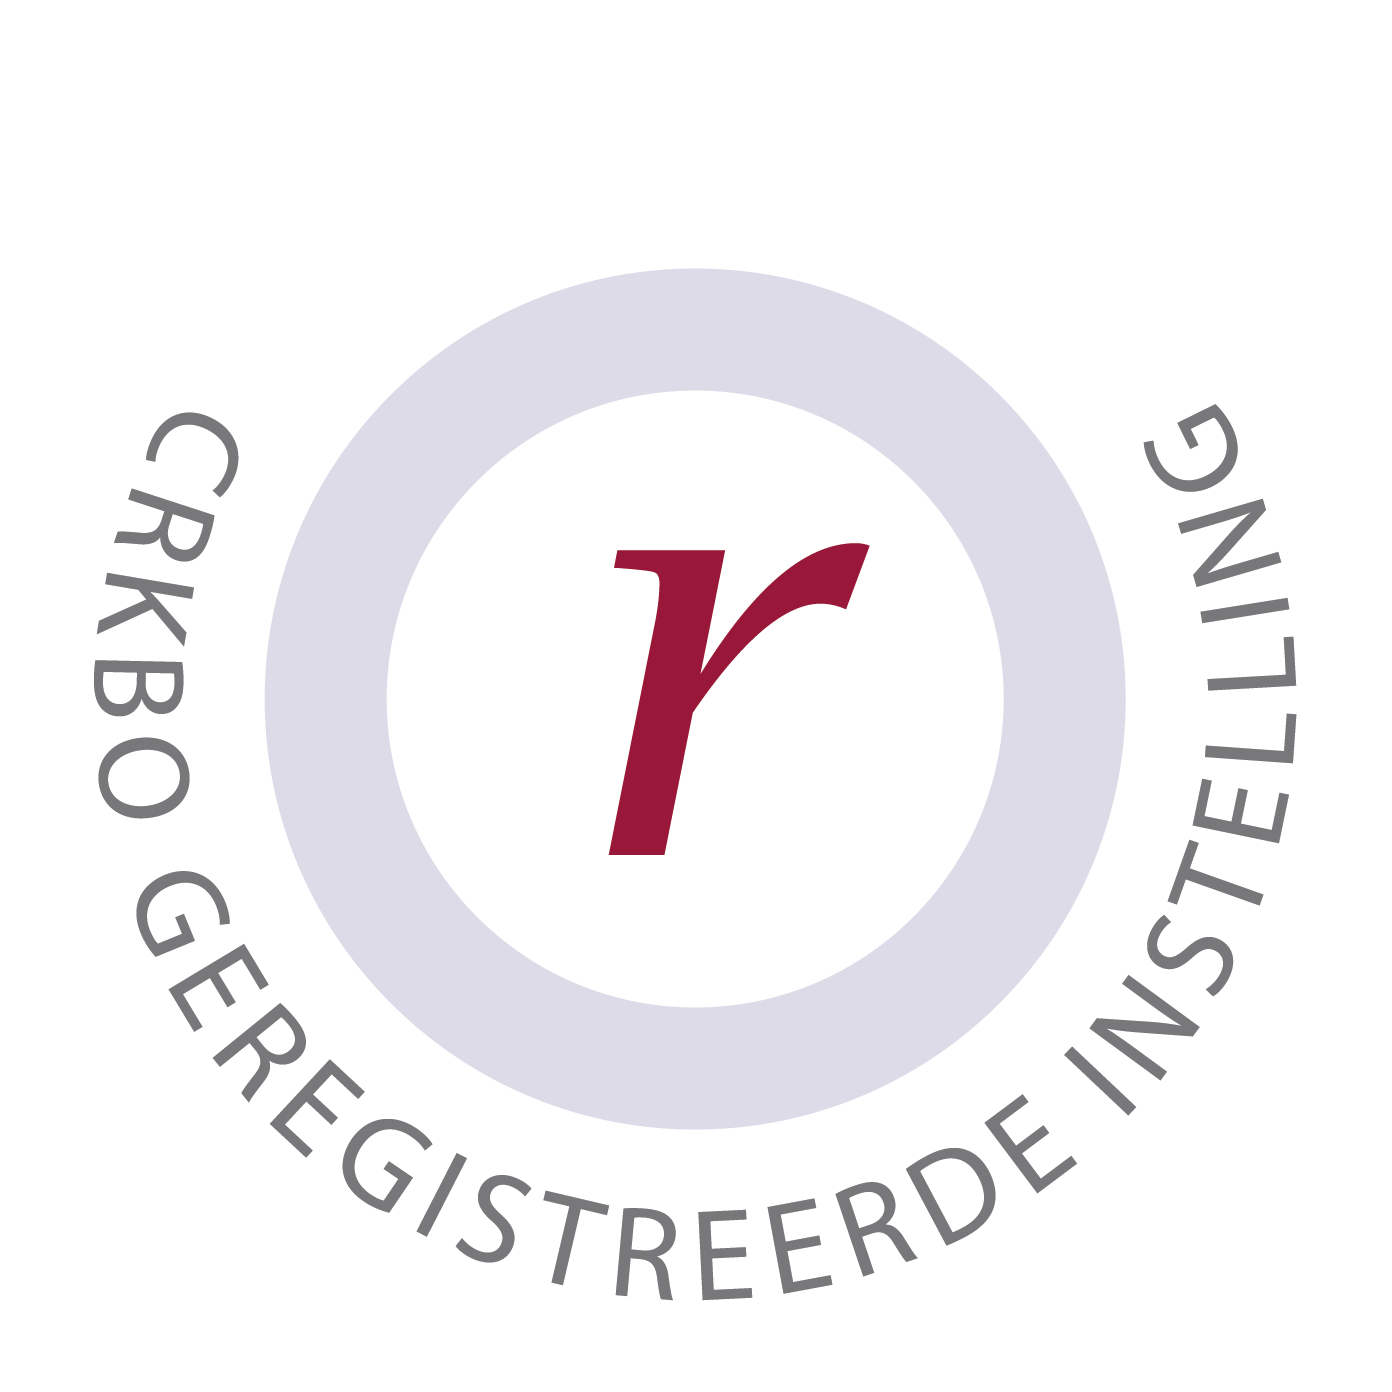 CRKBO centraal register kort beroepsonderwijs